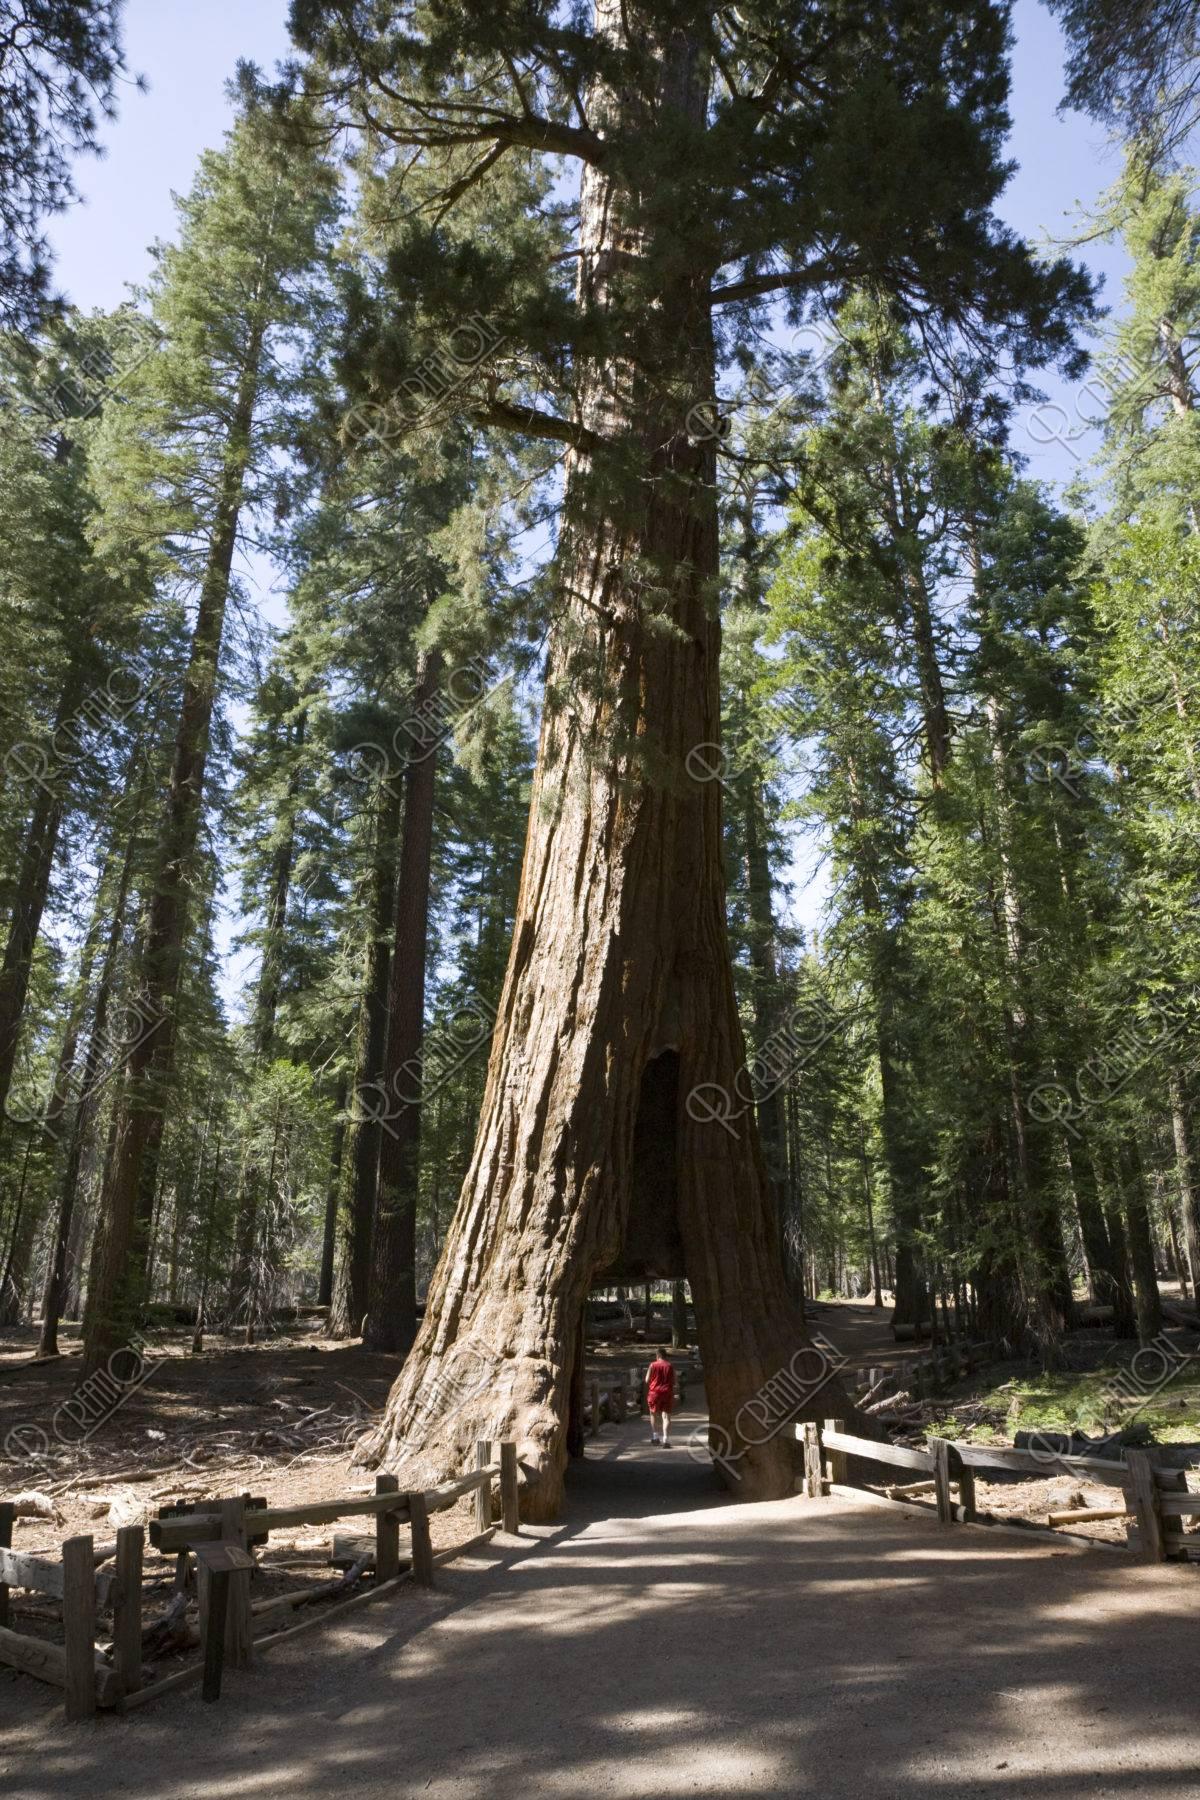 セコイヤ トンネルツリー ヨセミテ国立公園 世界遺産